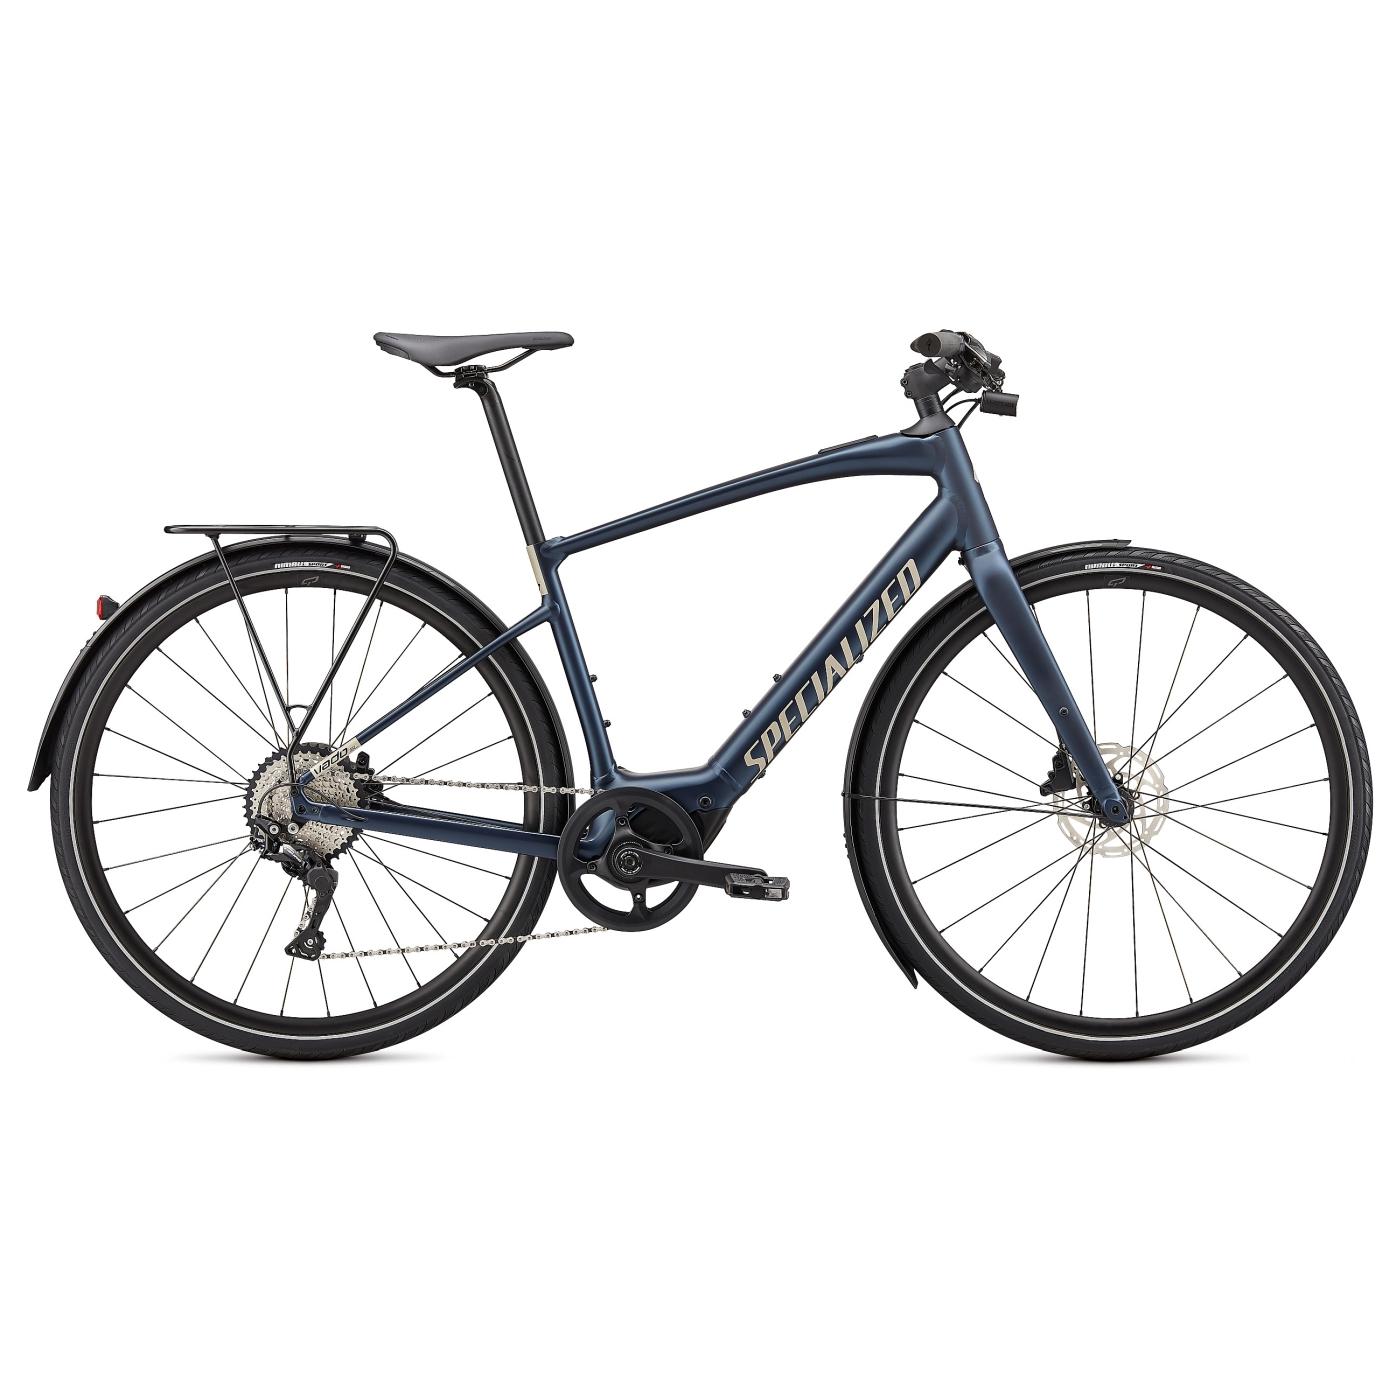 Produktbild von Specialized TURBO VADO SL 4.0 EQ E-Bike - 2021 - navy/white mountains